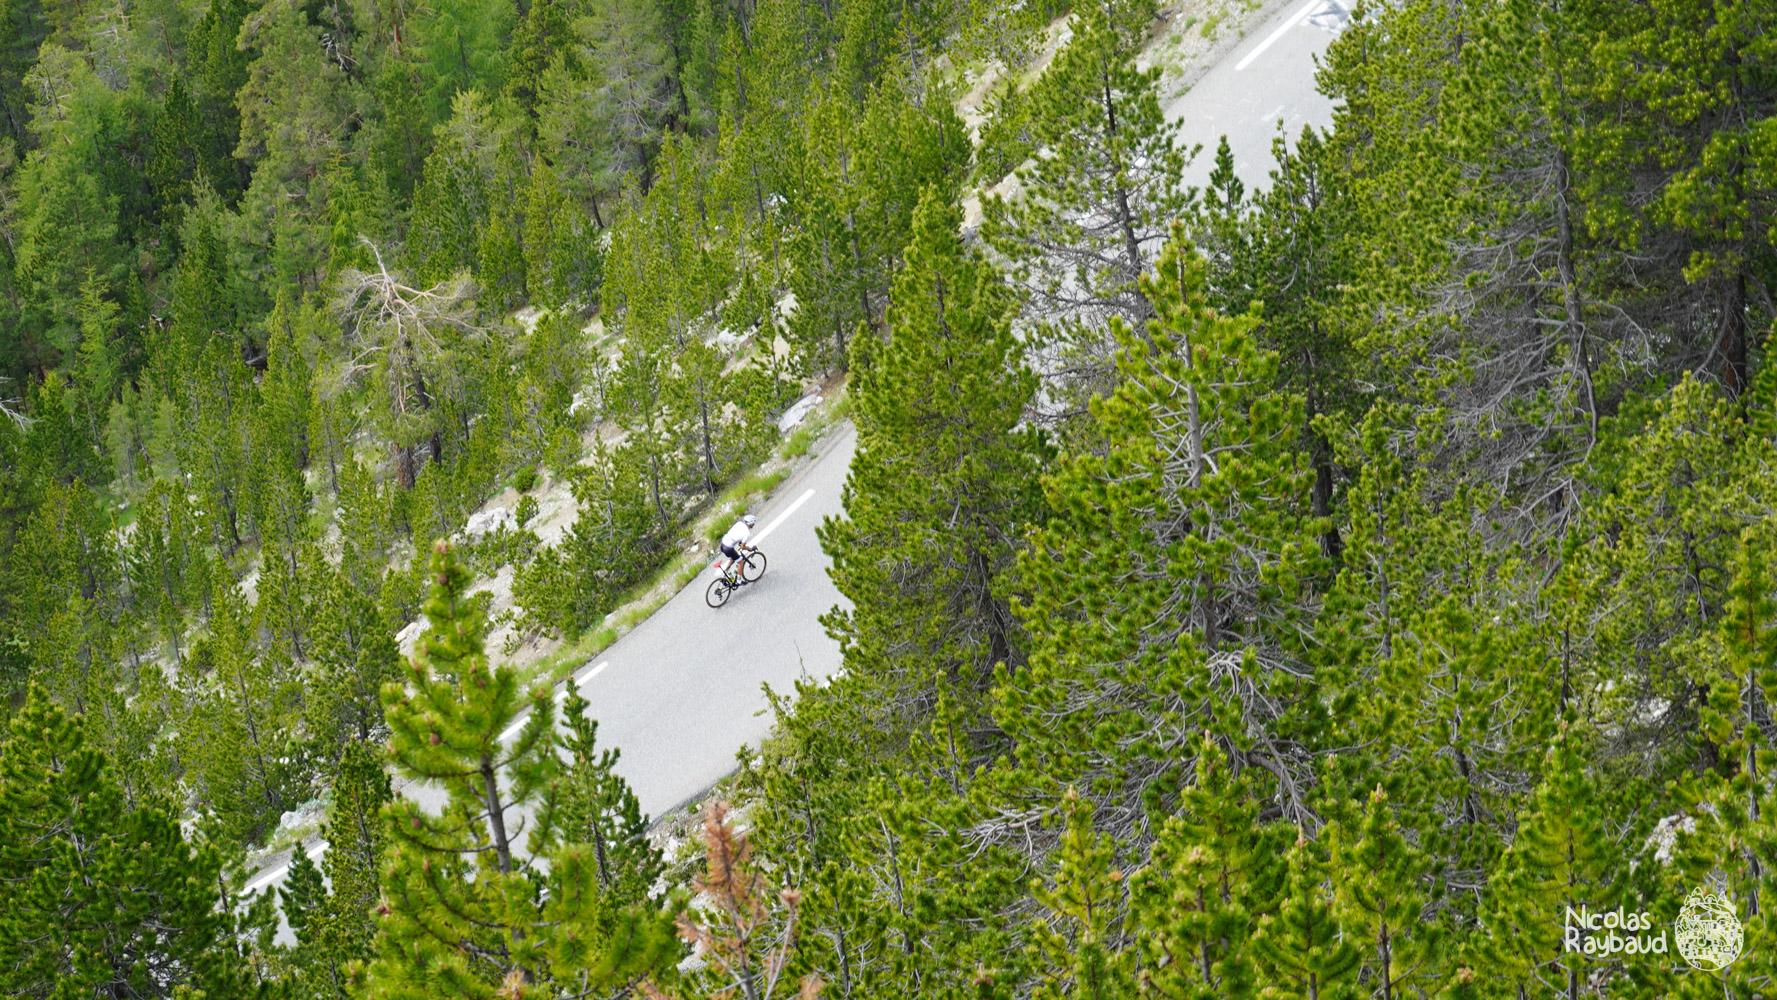 cycliste nicolas raybaud qui grimpe le col de l'izoard